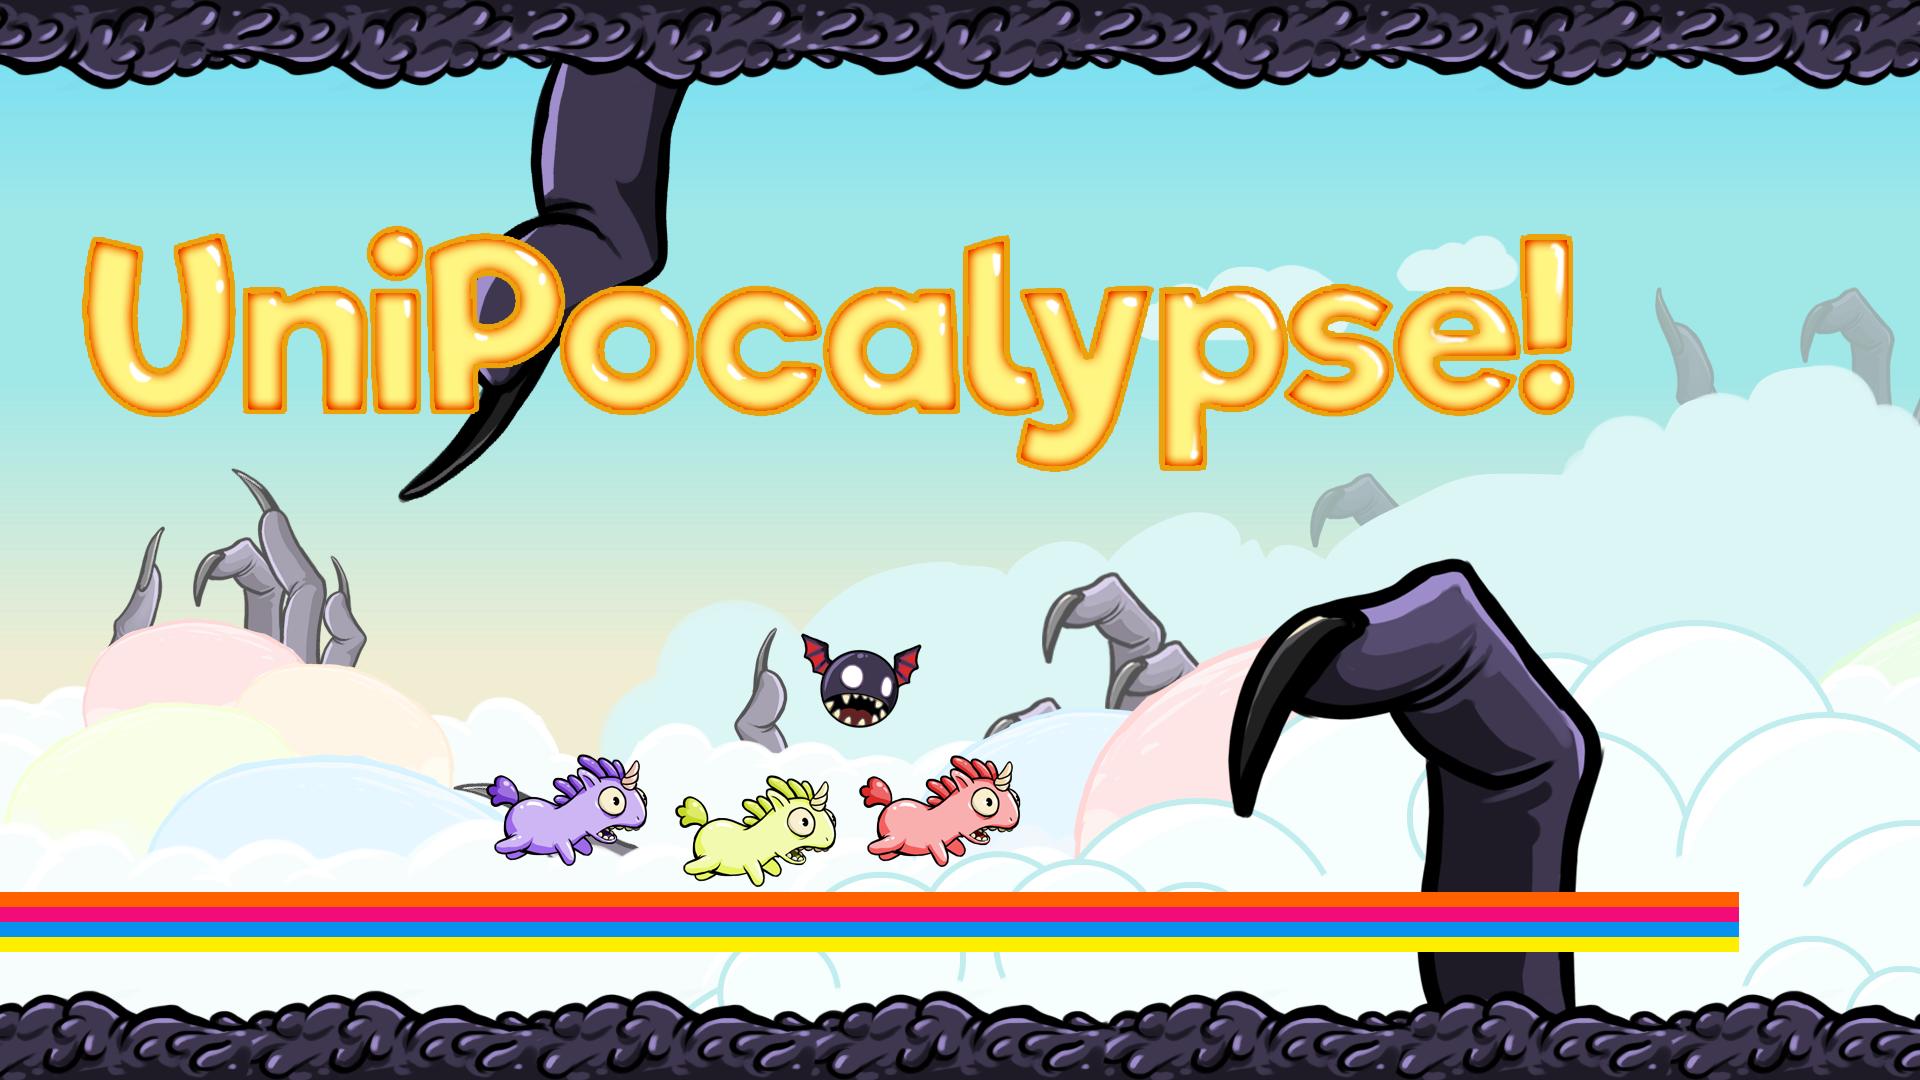 UniPocalypse